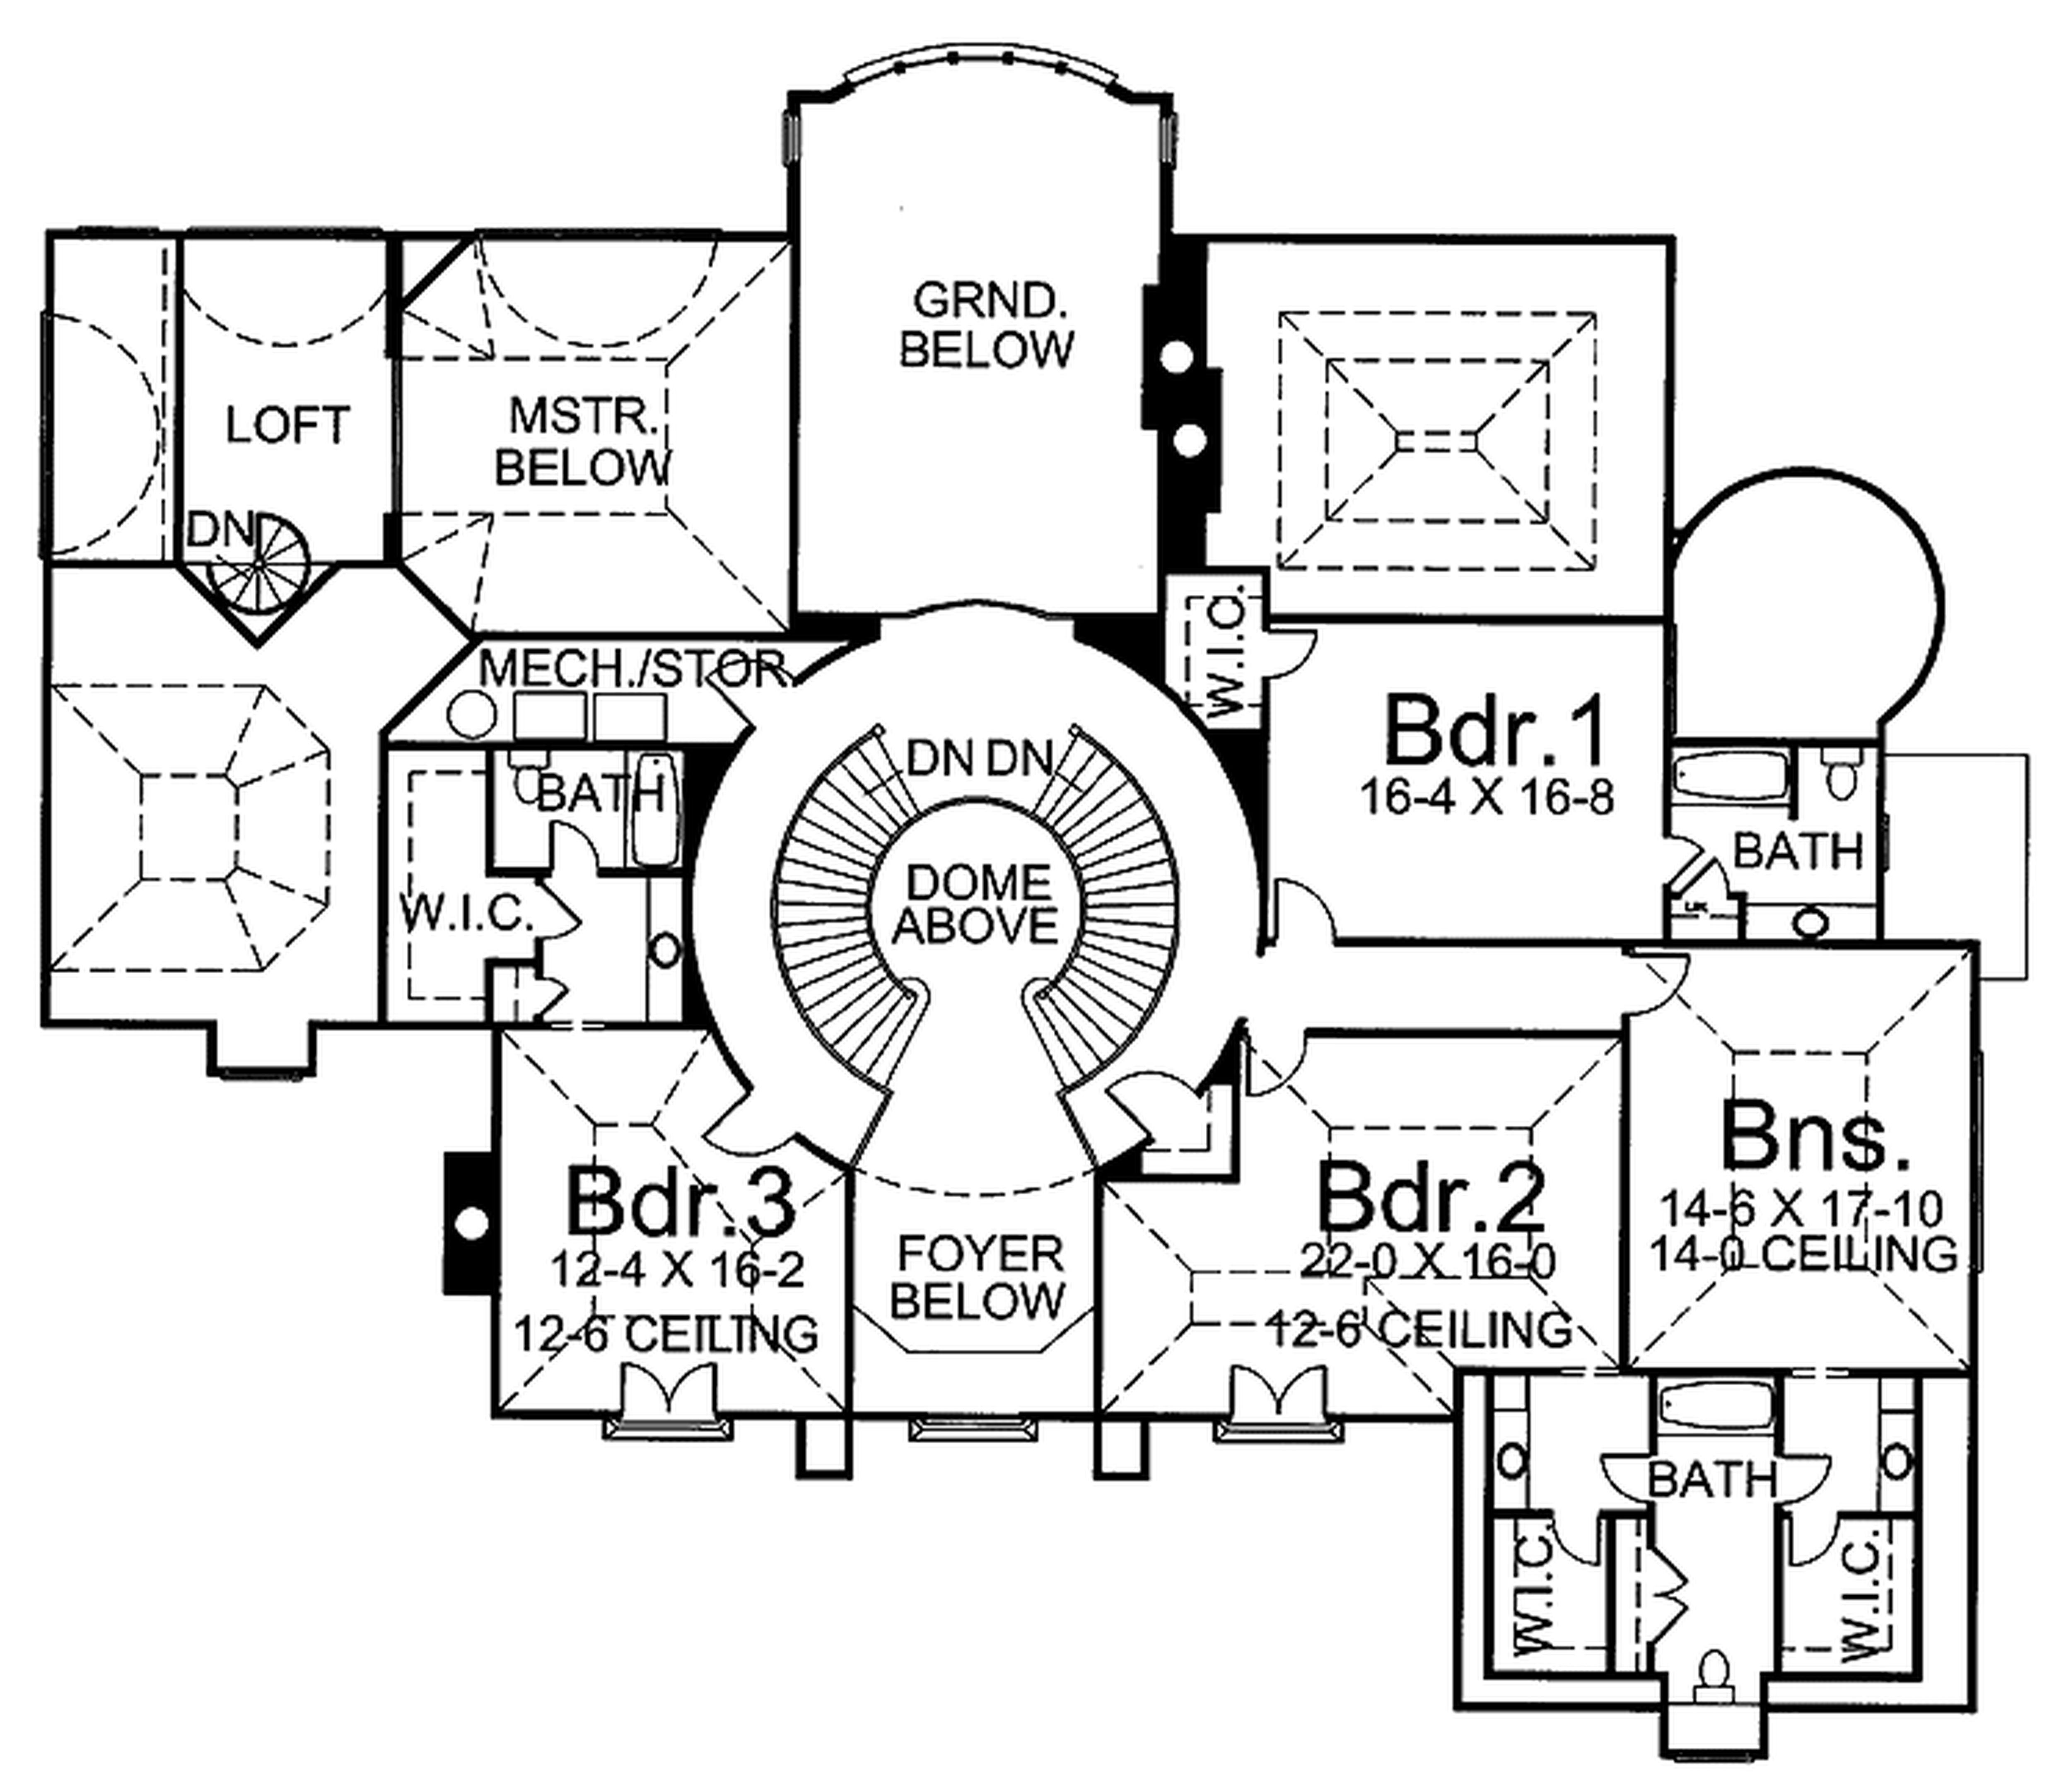 Apartment Drawing Easy. My Apartment Drawing Easy N - Activavida.co